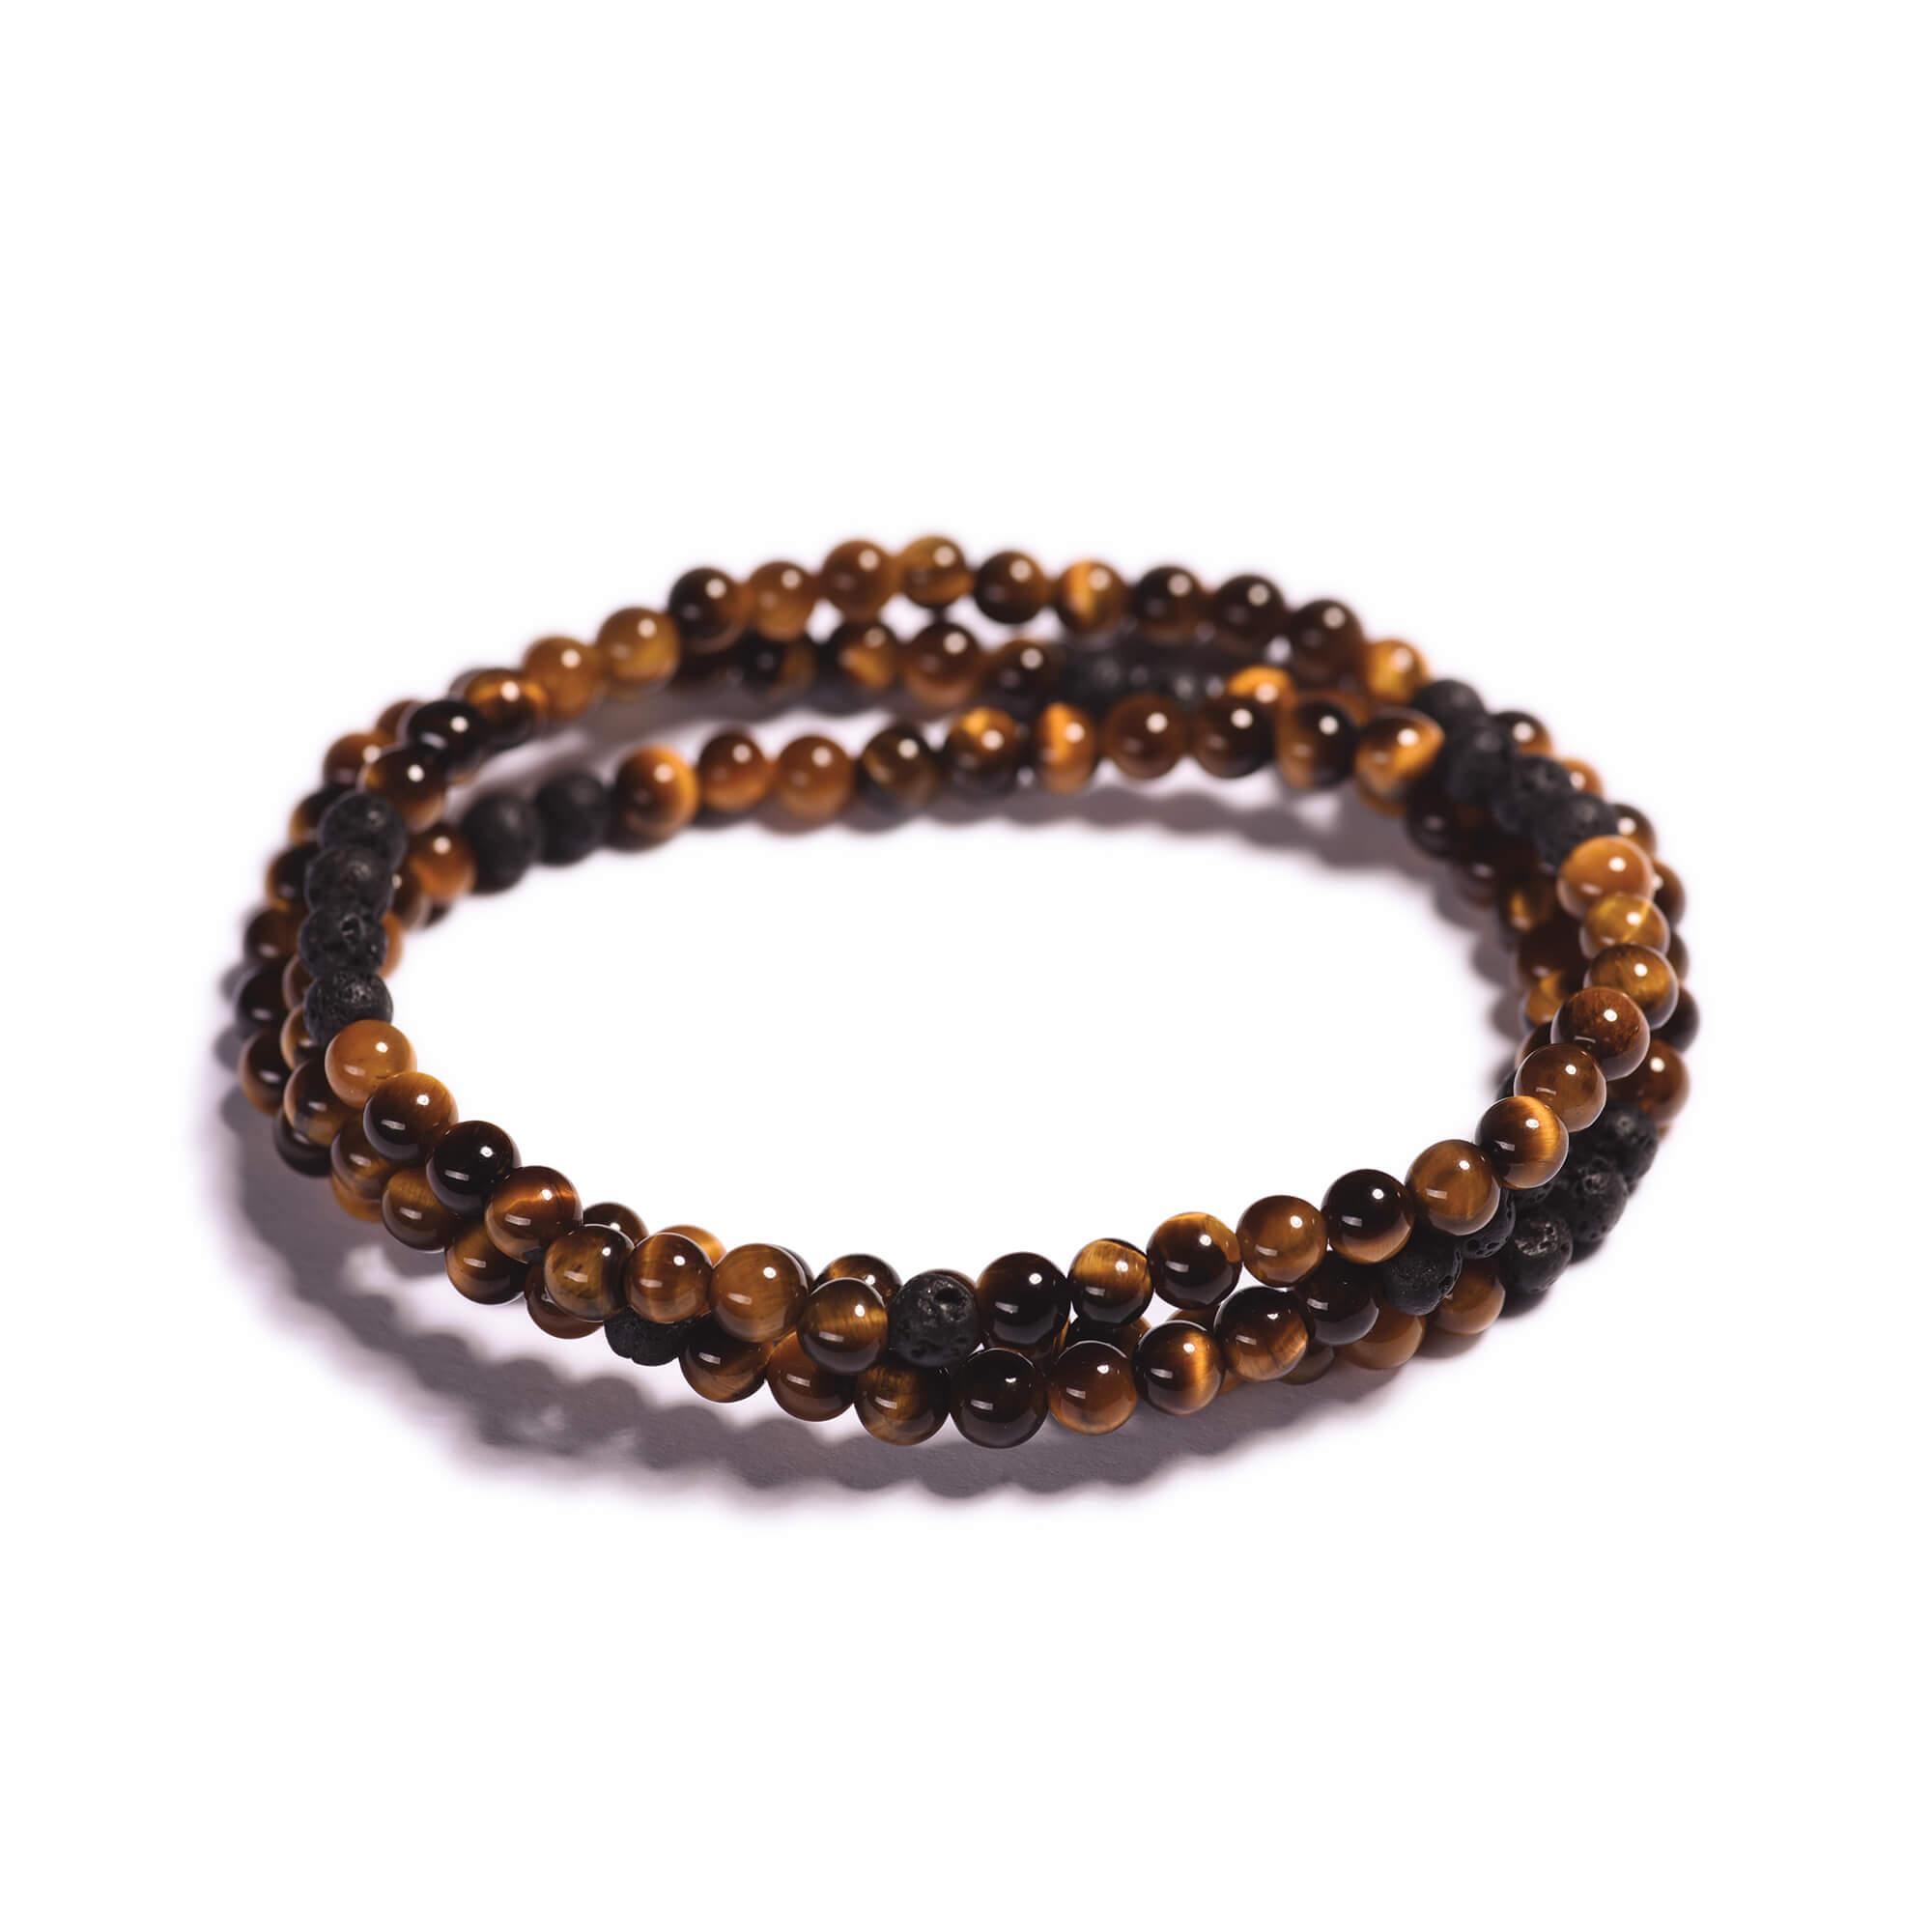 019fe5658 Pánský korálkový wrap náramek - hnědé tygří oko, černá láva ...